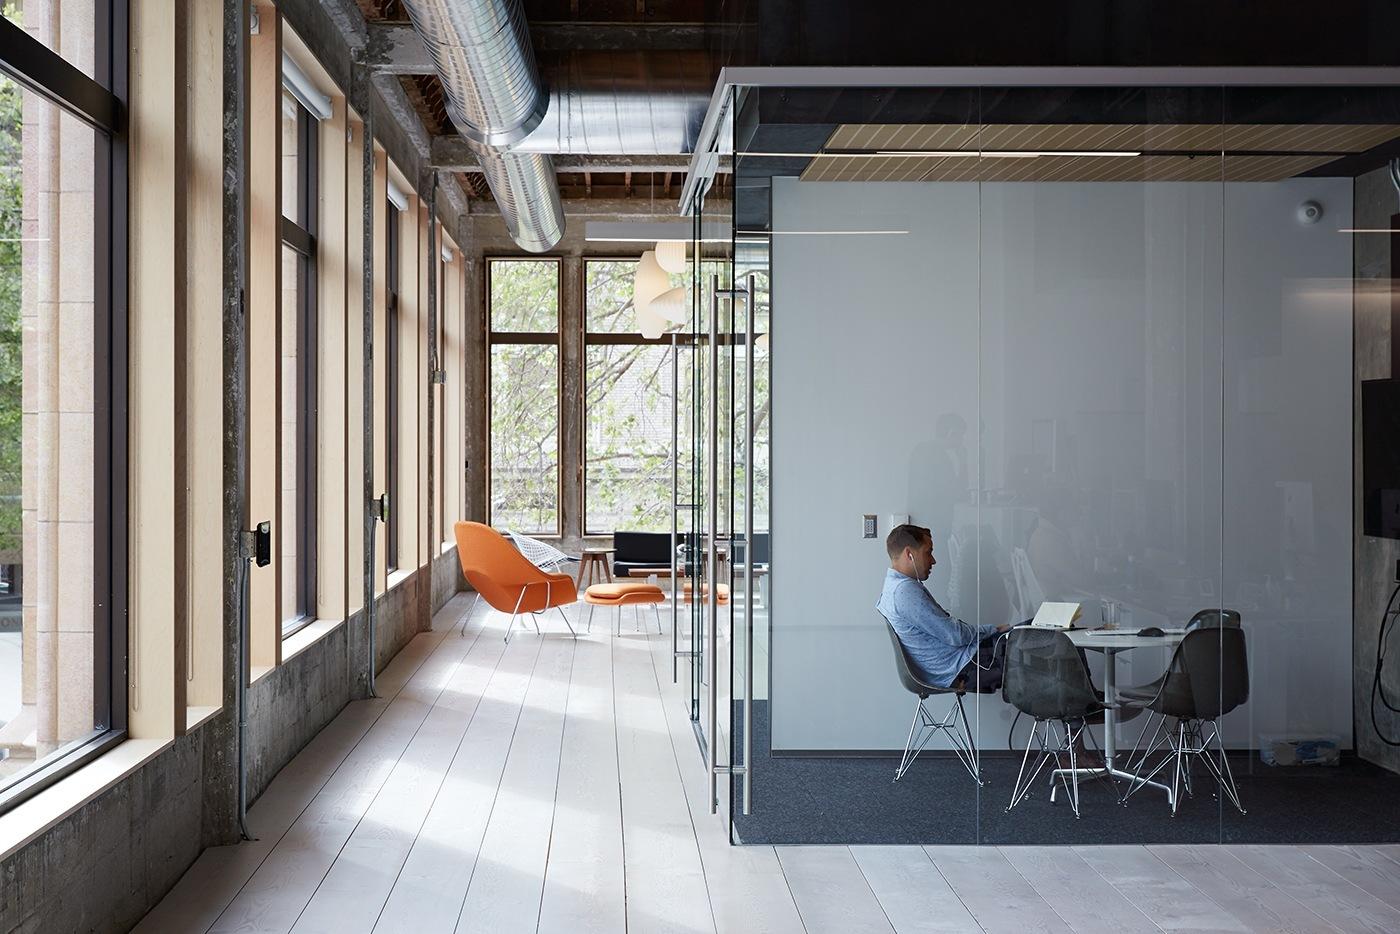 vsco-oakland-office-27